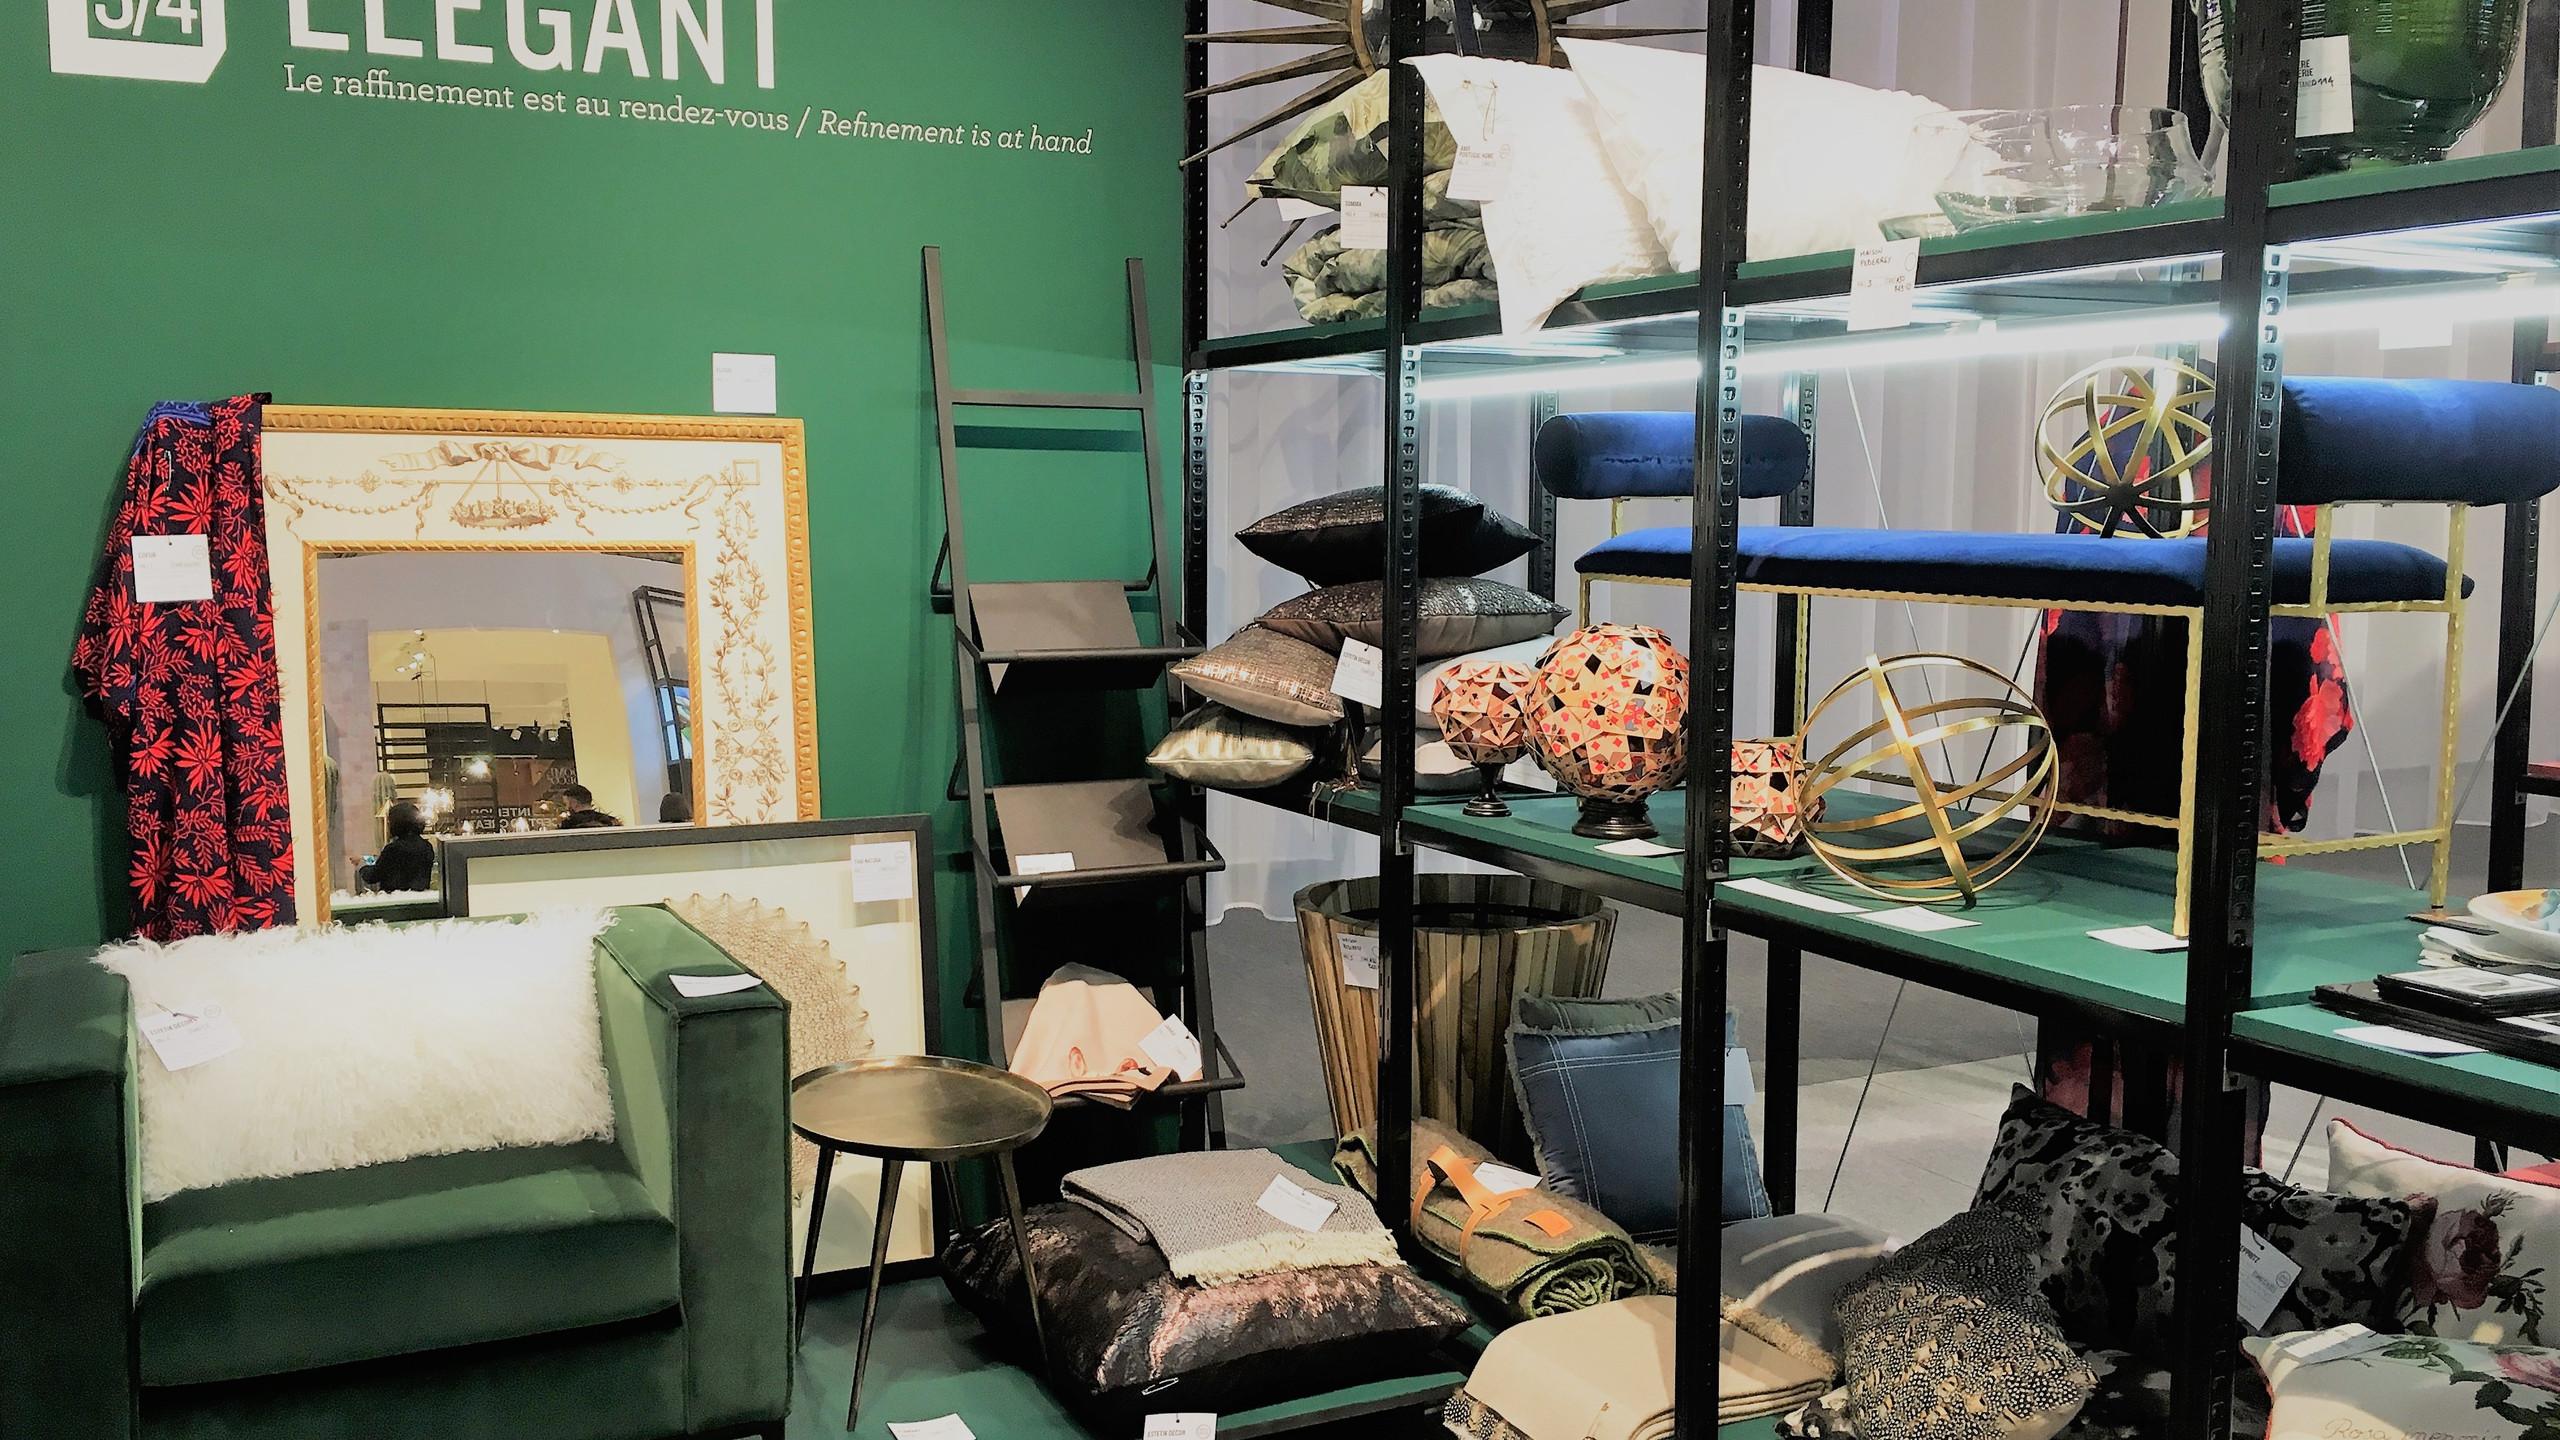 Maison & Objet Paris  Elegant einrichten mit edlen Möbeln, viel Messing und Kupfer, extravaganter Dekoration und hochwertigen Textilien.